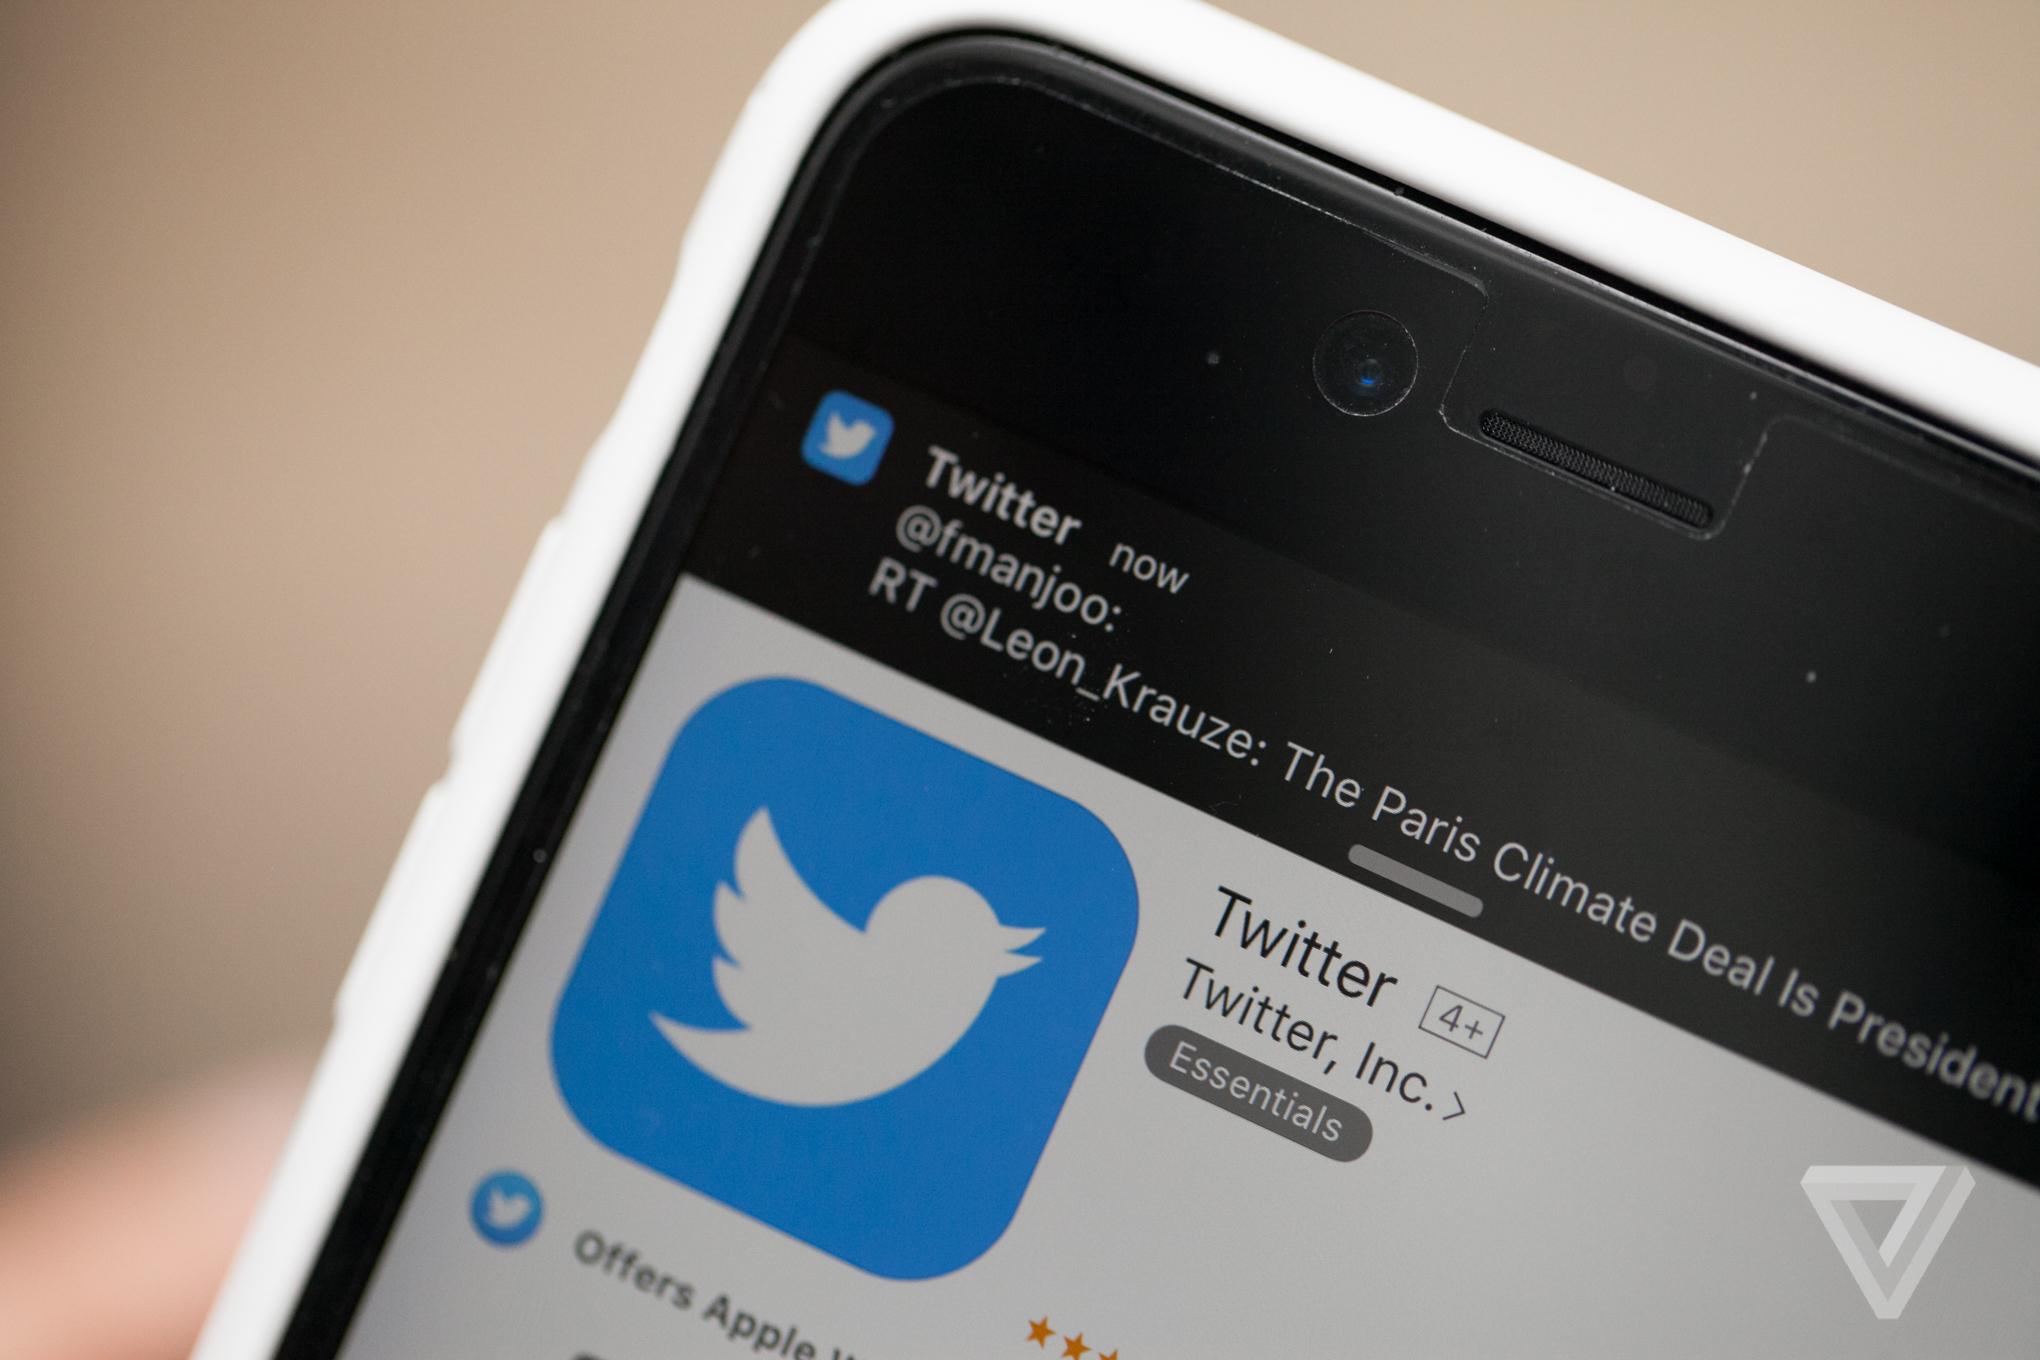 Twitter-app-stock-Dec2015-verge-15